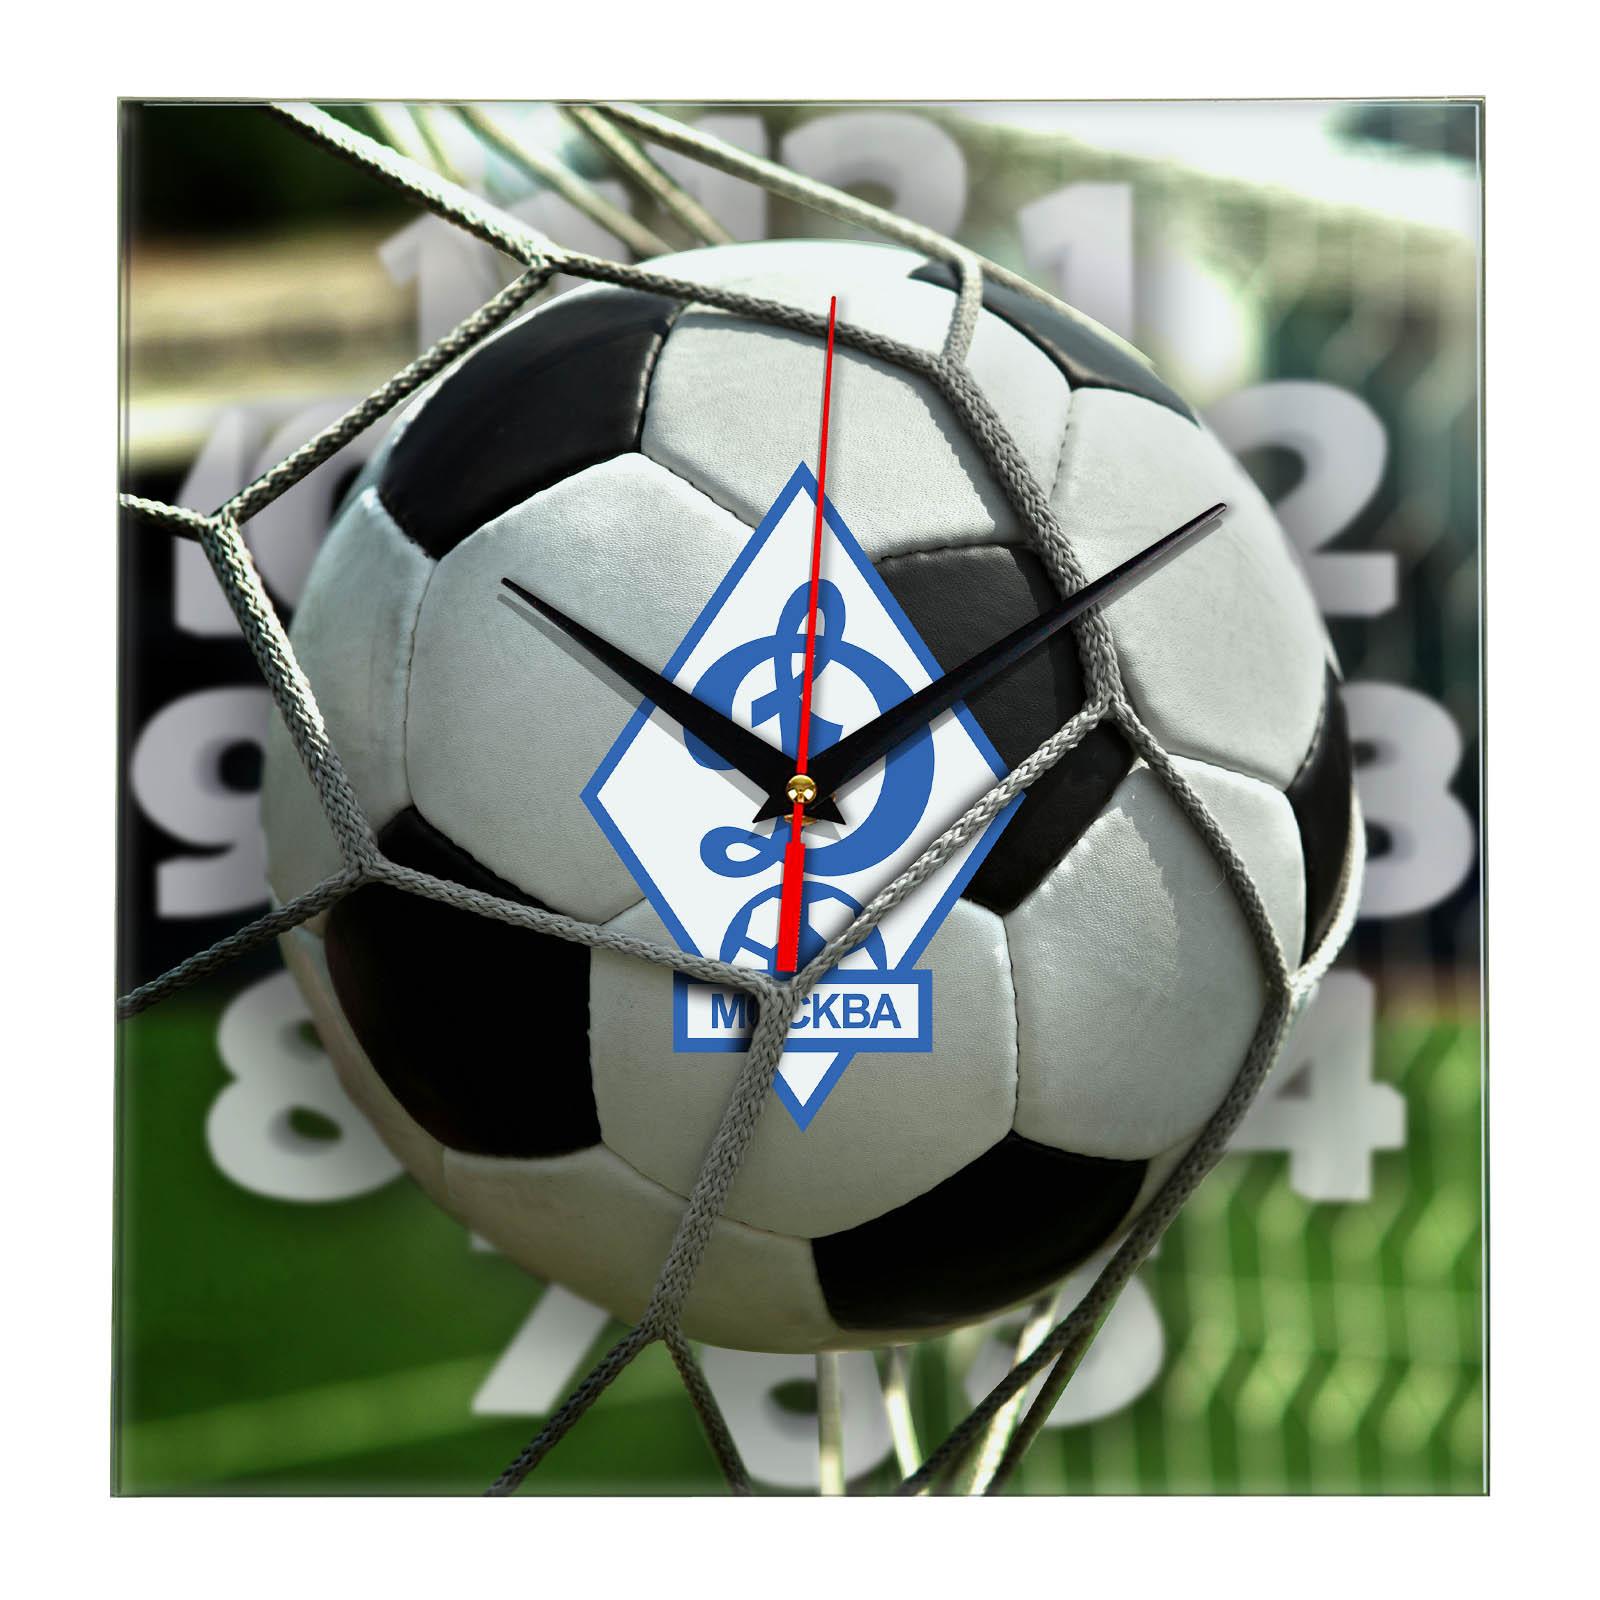 Настенные часы «С логотипом DINAMO MOSKVA»